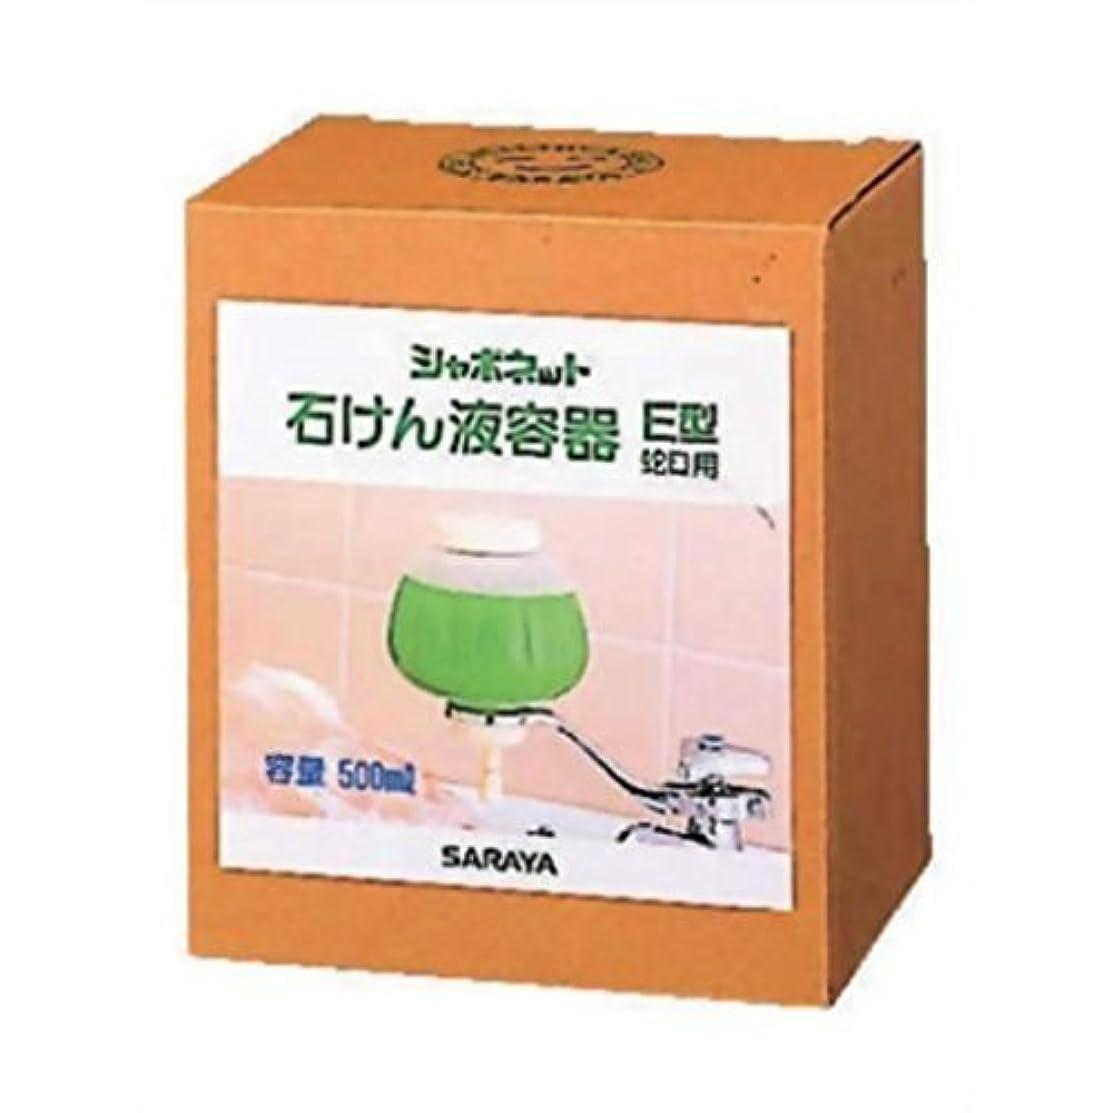 サバントうめき理想的には(まとめ買い)サラヤ シャボネット 容器E型蛇口用500ml 【×6セット】